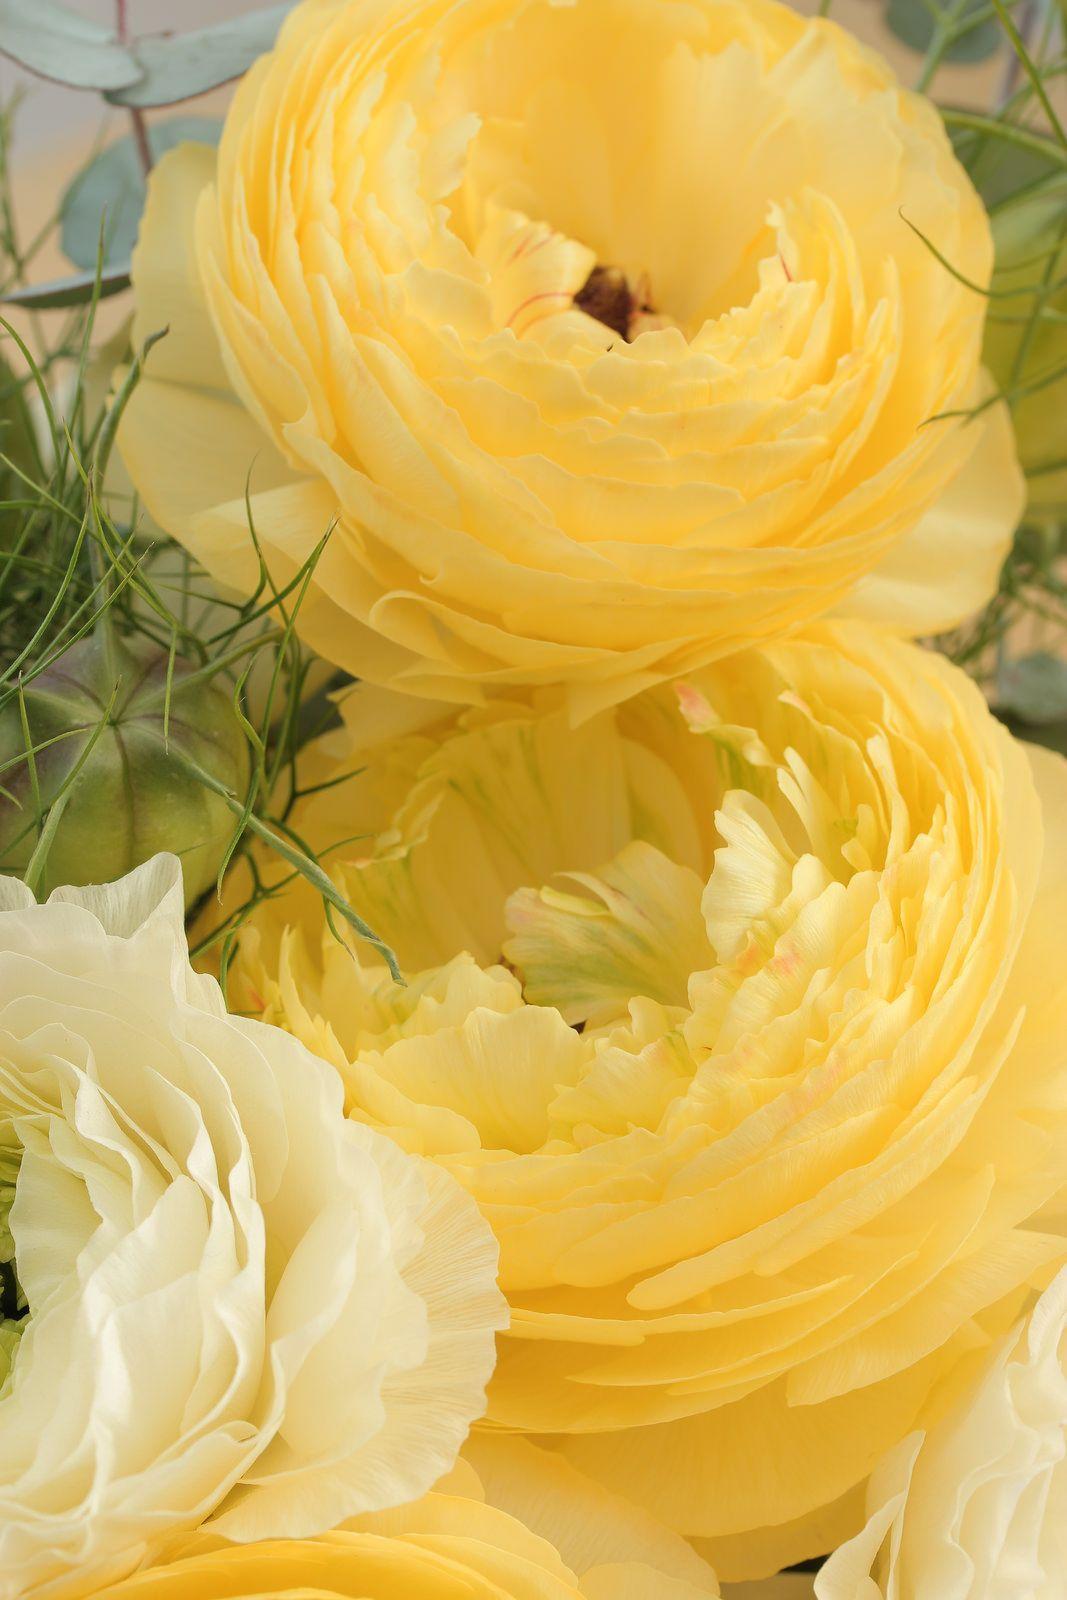 Ranunculus Http Et Wikipedia Org Wiki Tulikas Http Www Aiasober Ee Liigikirjeldused 243 Beautiful Flowers Amazing Flowers Flowers